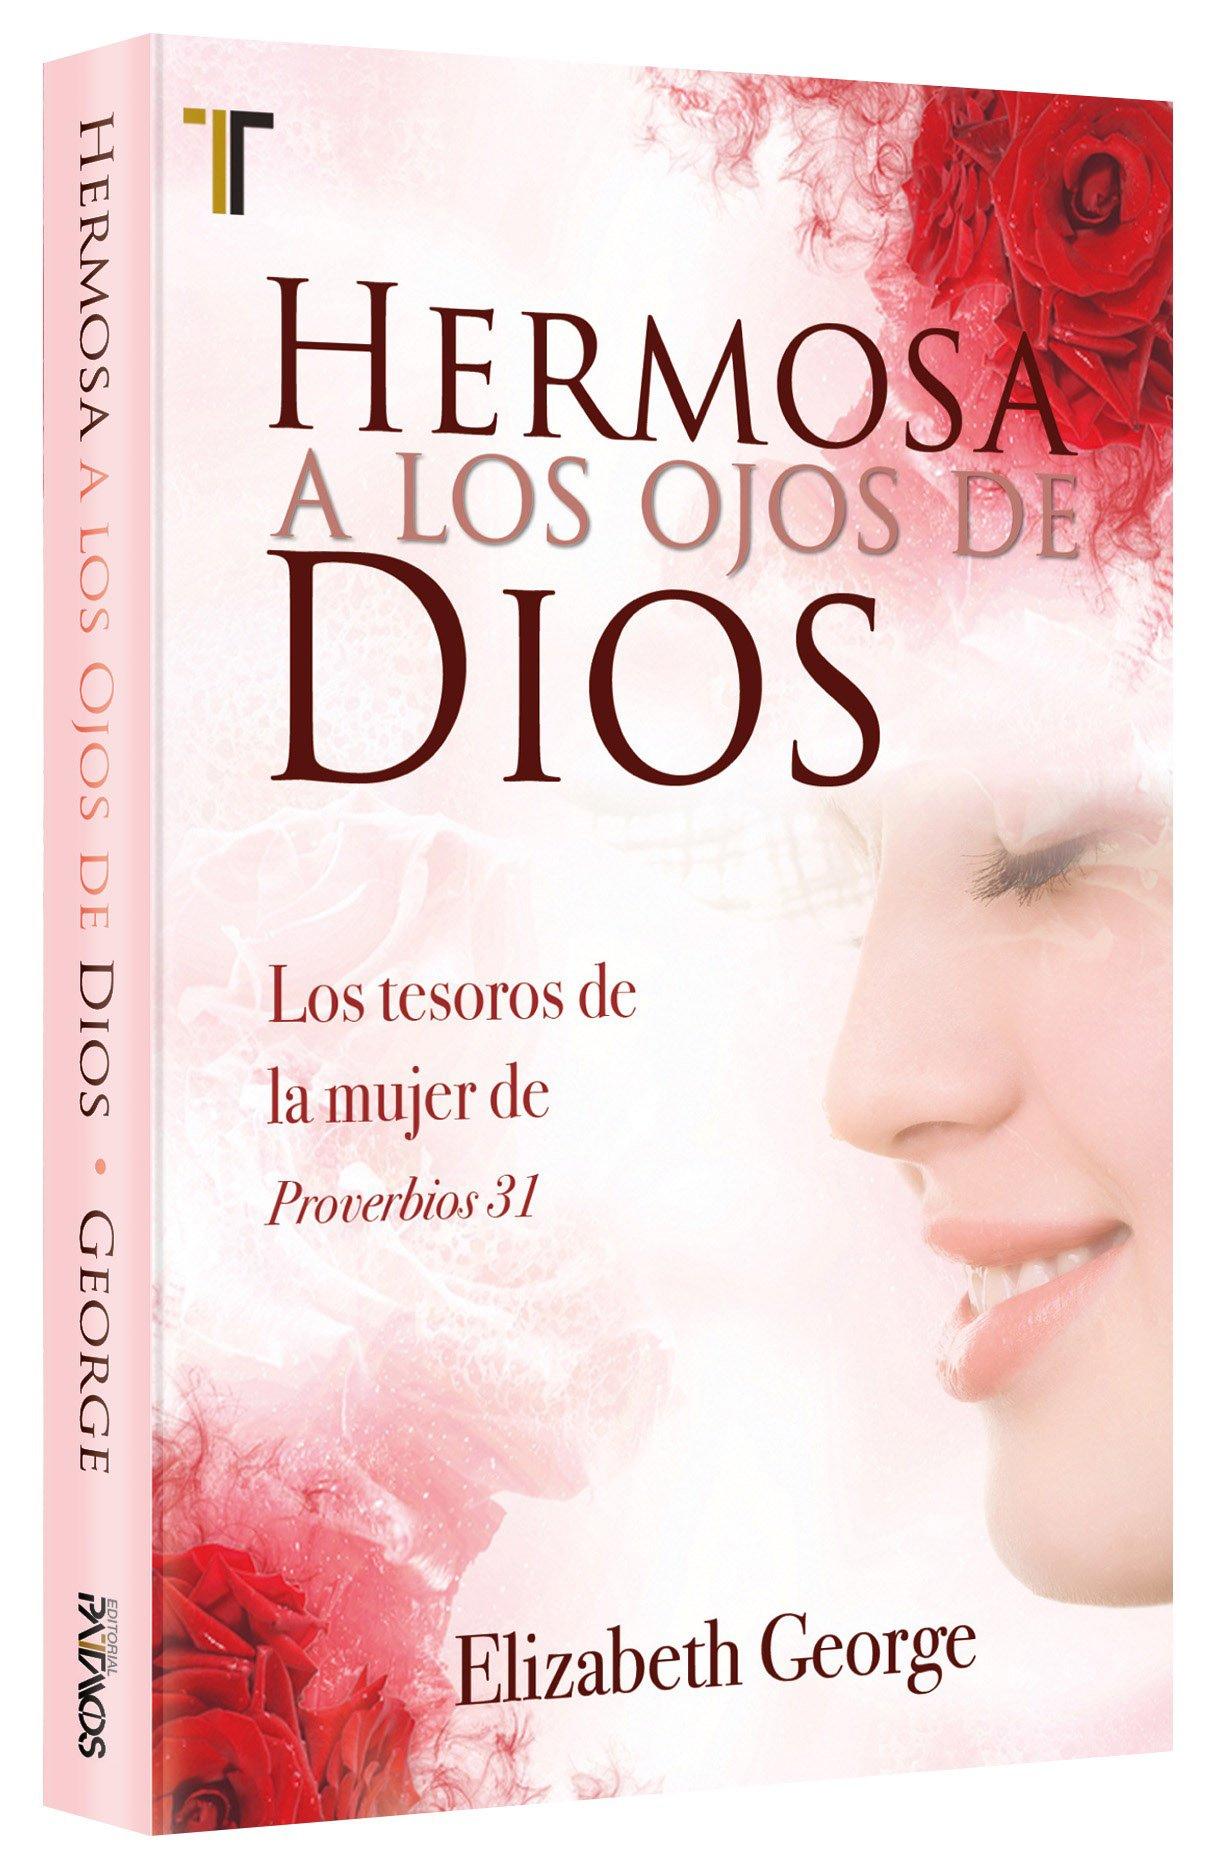 Hermosa A los Ojos de Dios: Los Tesoros de la Mujer de los Proverbios 31: Amazon.es: Elizabeth George: Libros